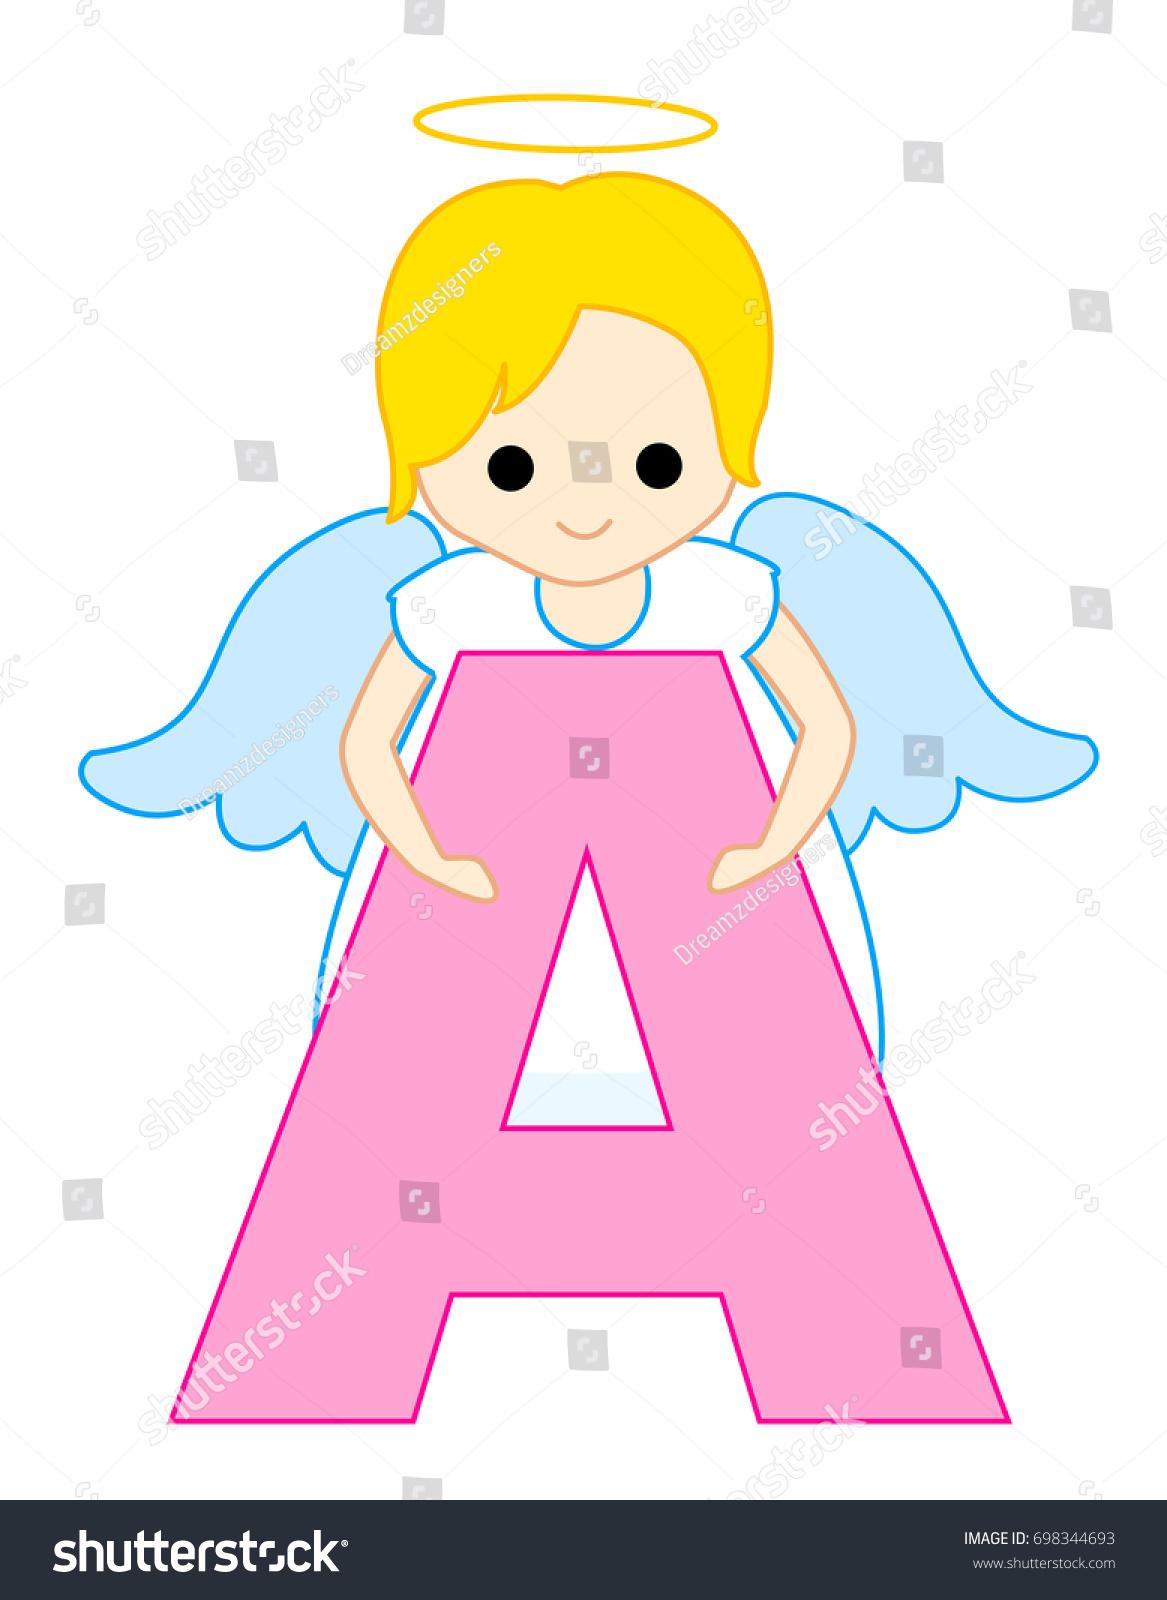 Alphabet Letter Angel Stock Illustration 698344693 - Shutterstock